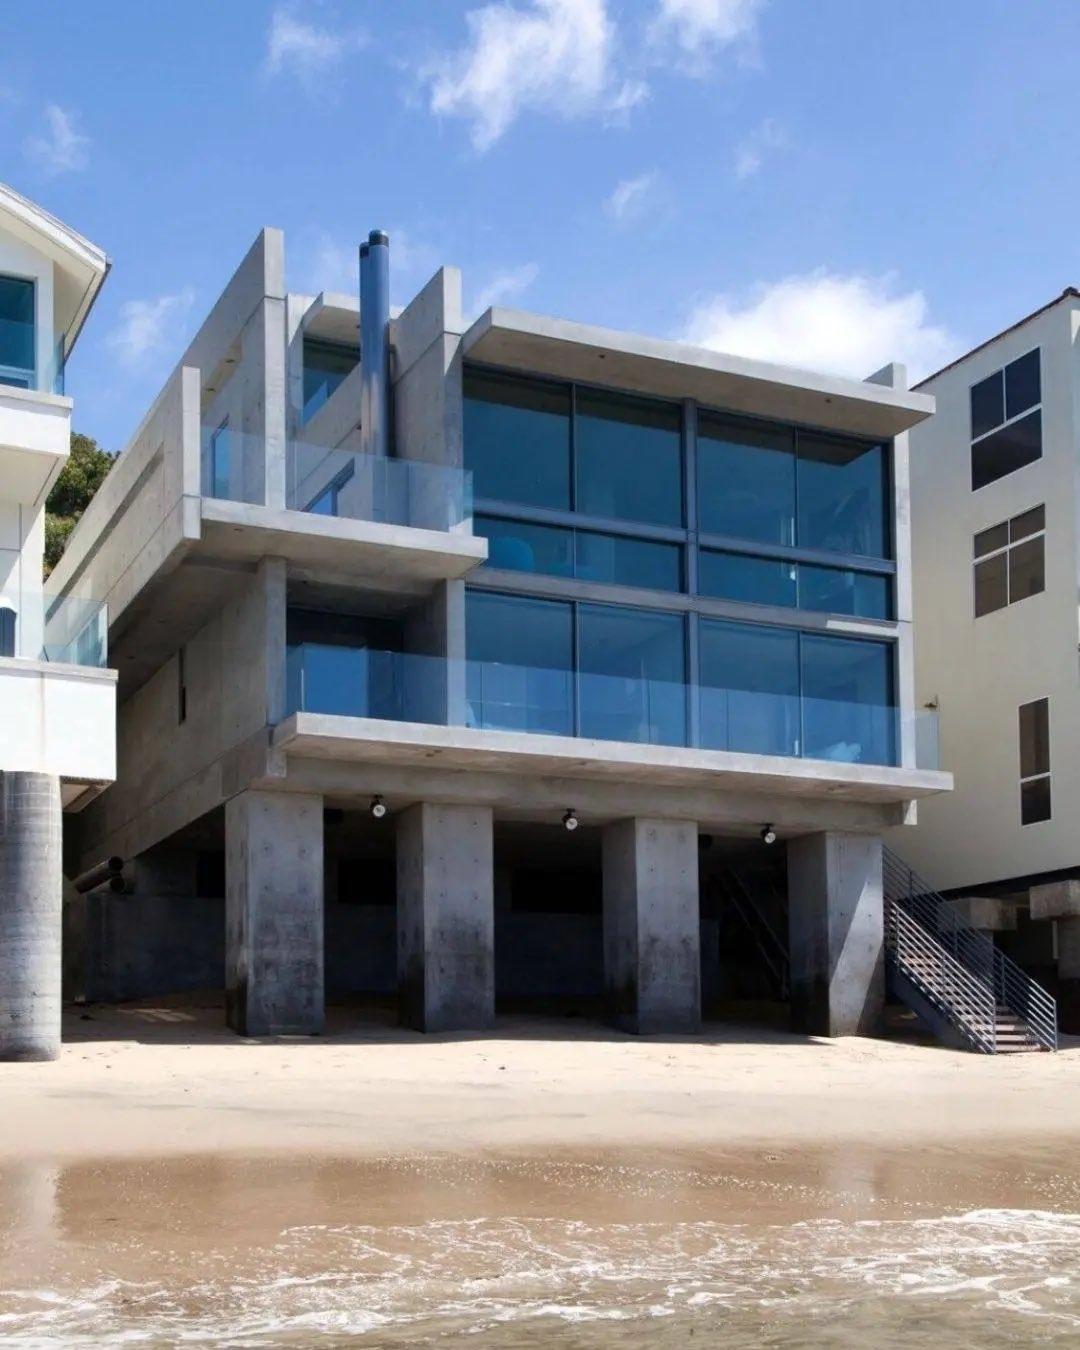 Канье Уэст купил новый дом на берегу океана (ФОТО) - фото №1